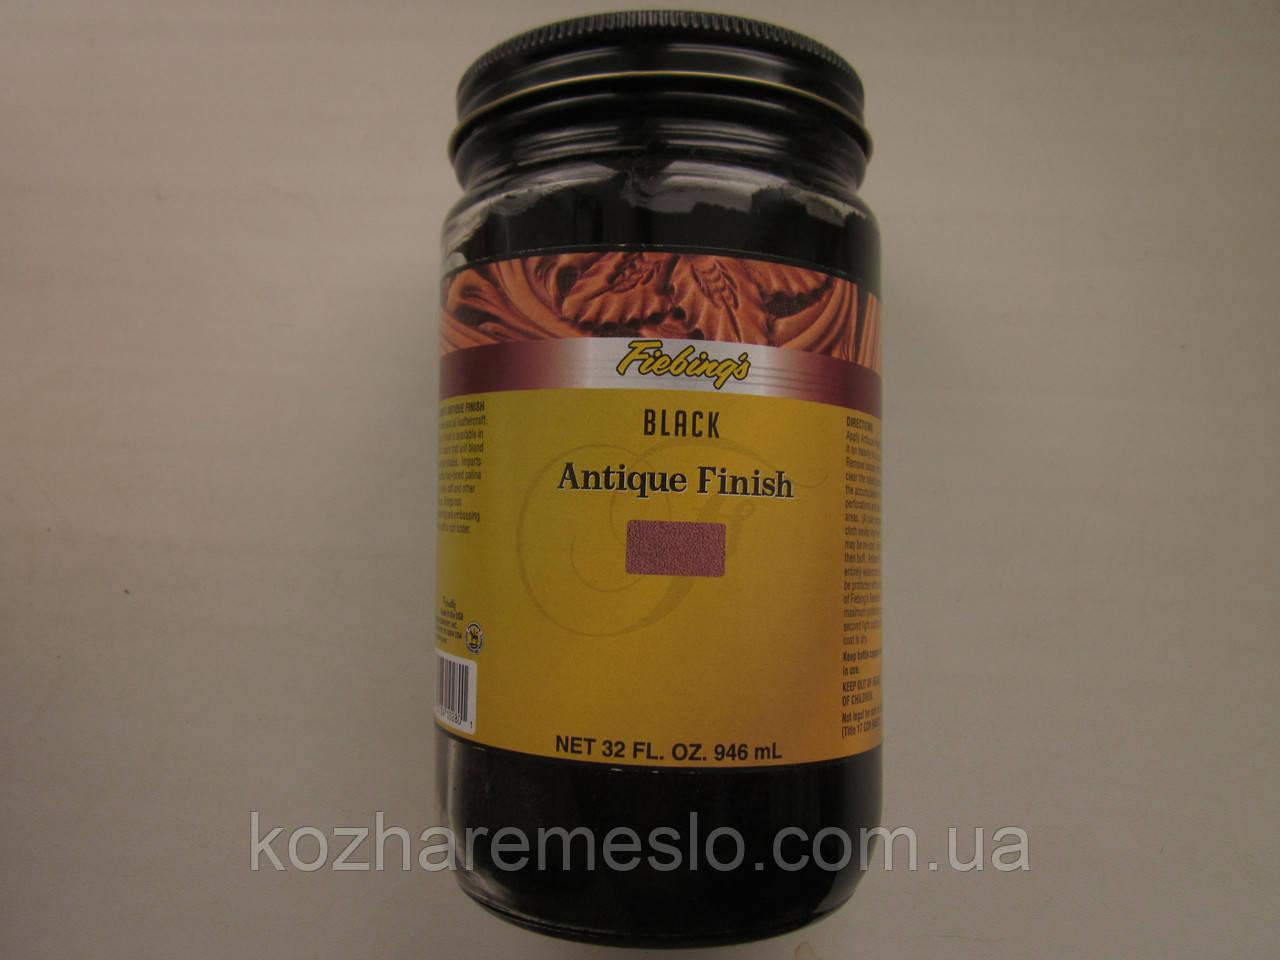 Антик - финиш FIEBING'S для кожи 100 гр чёрный (не фирменная упаковка)